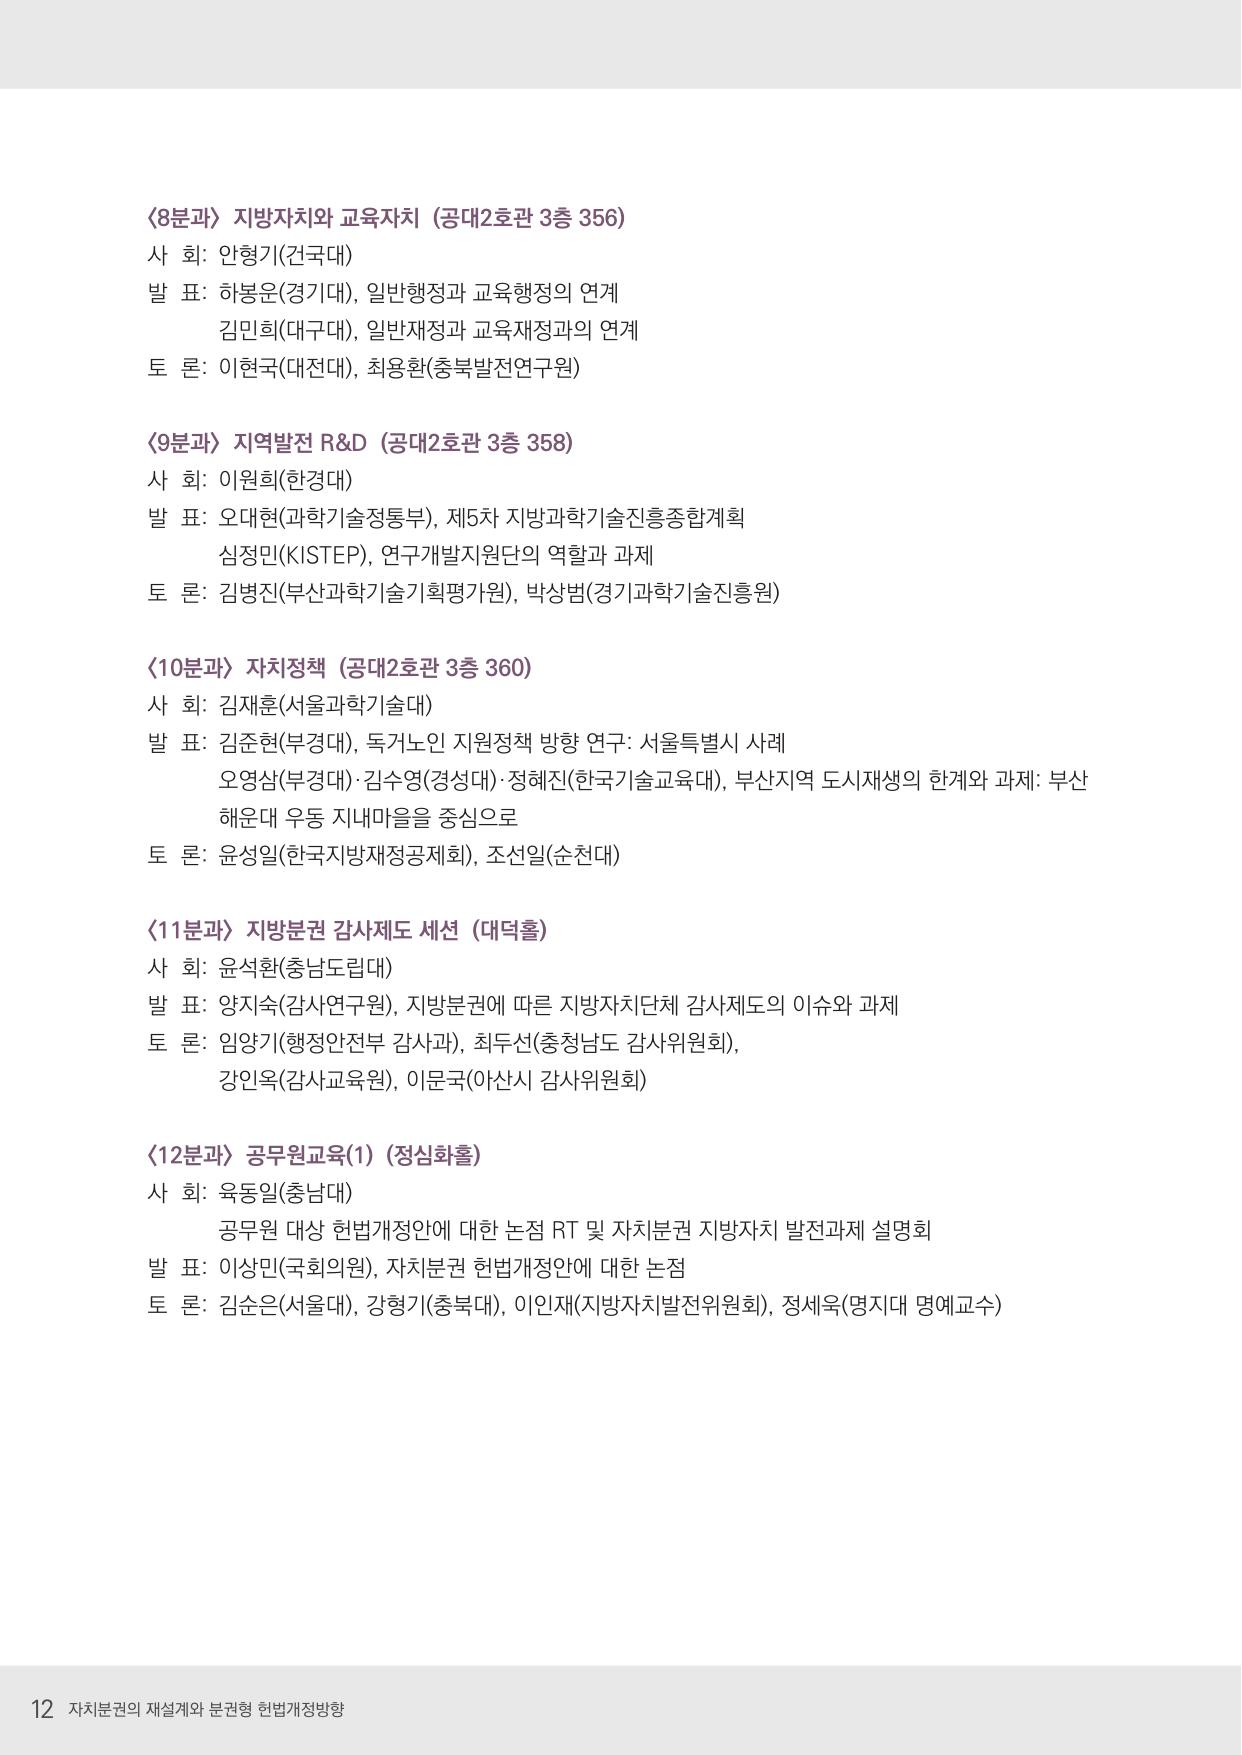 초청장_동계학술대회_한국지방자치학회(최종본)-12.jpg